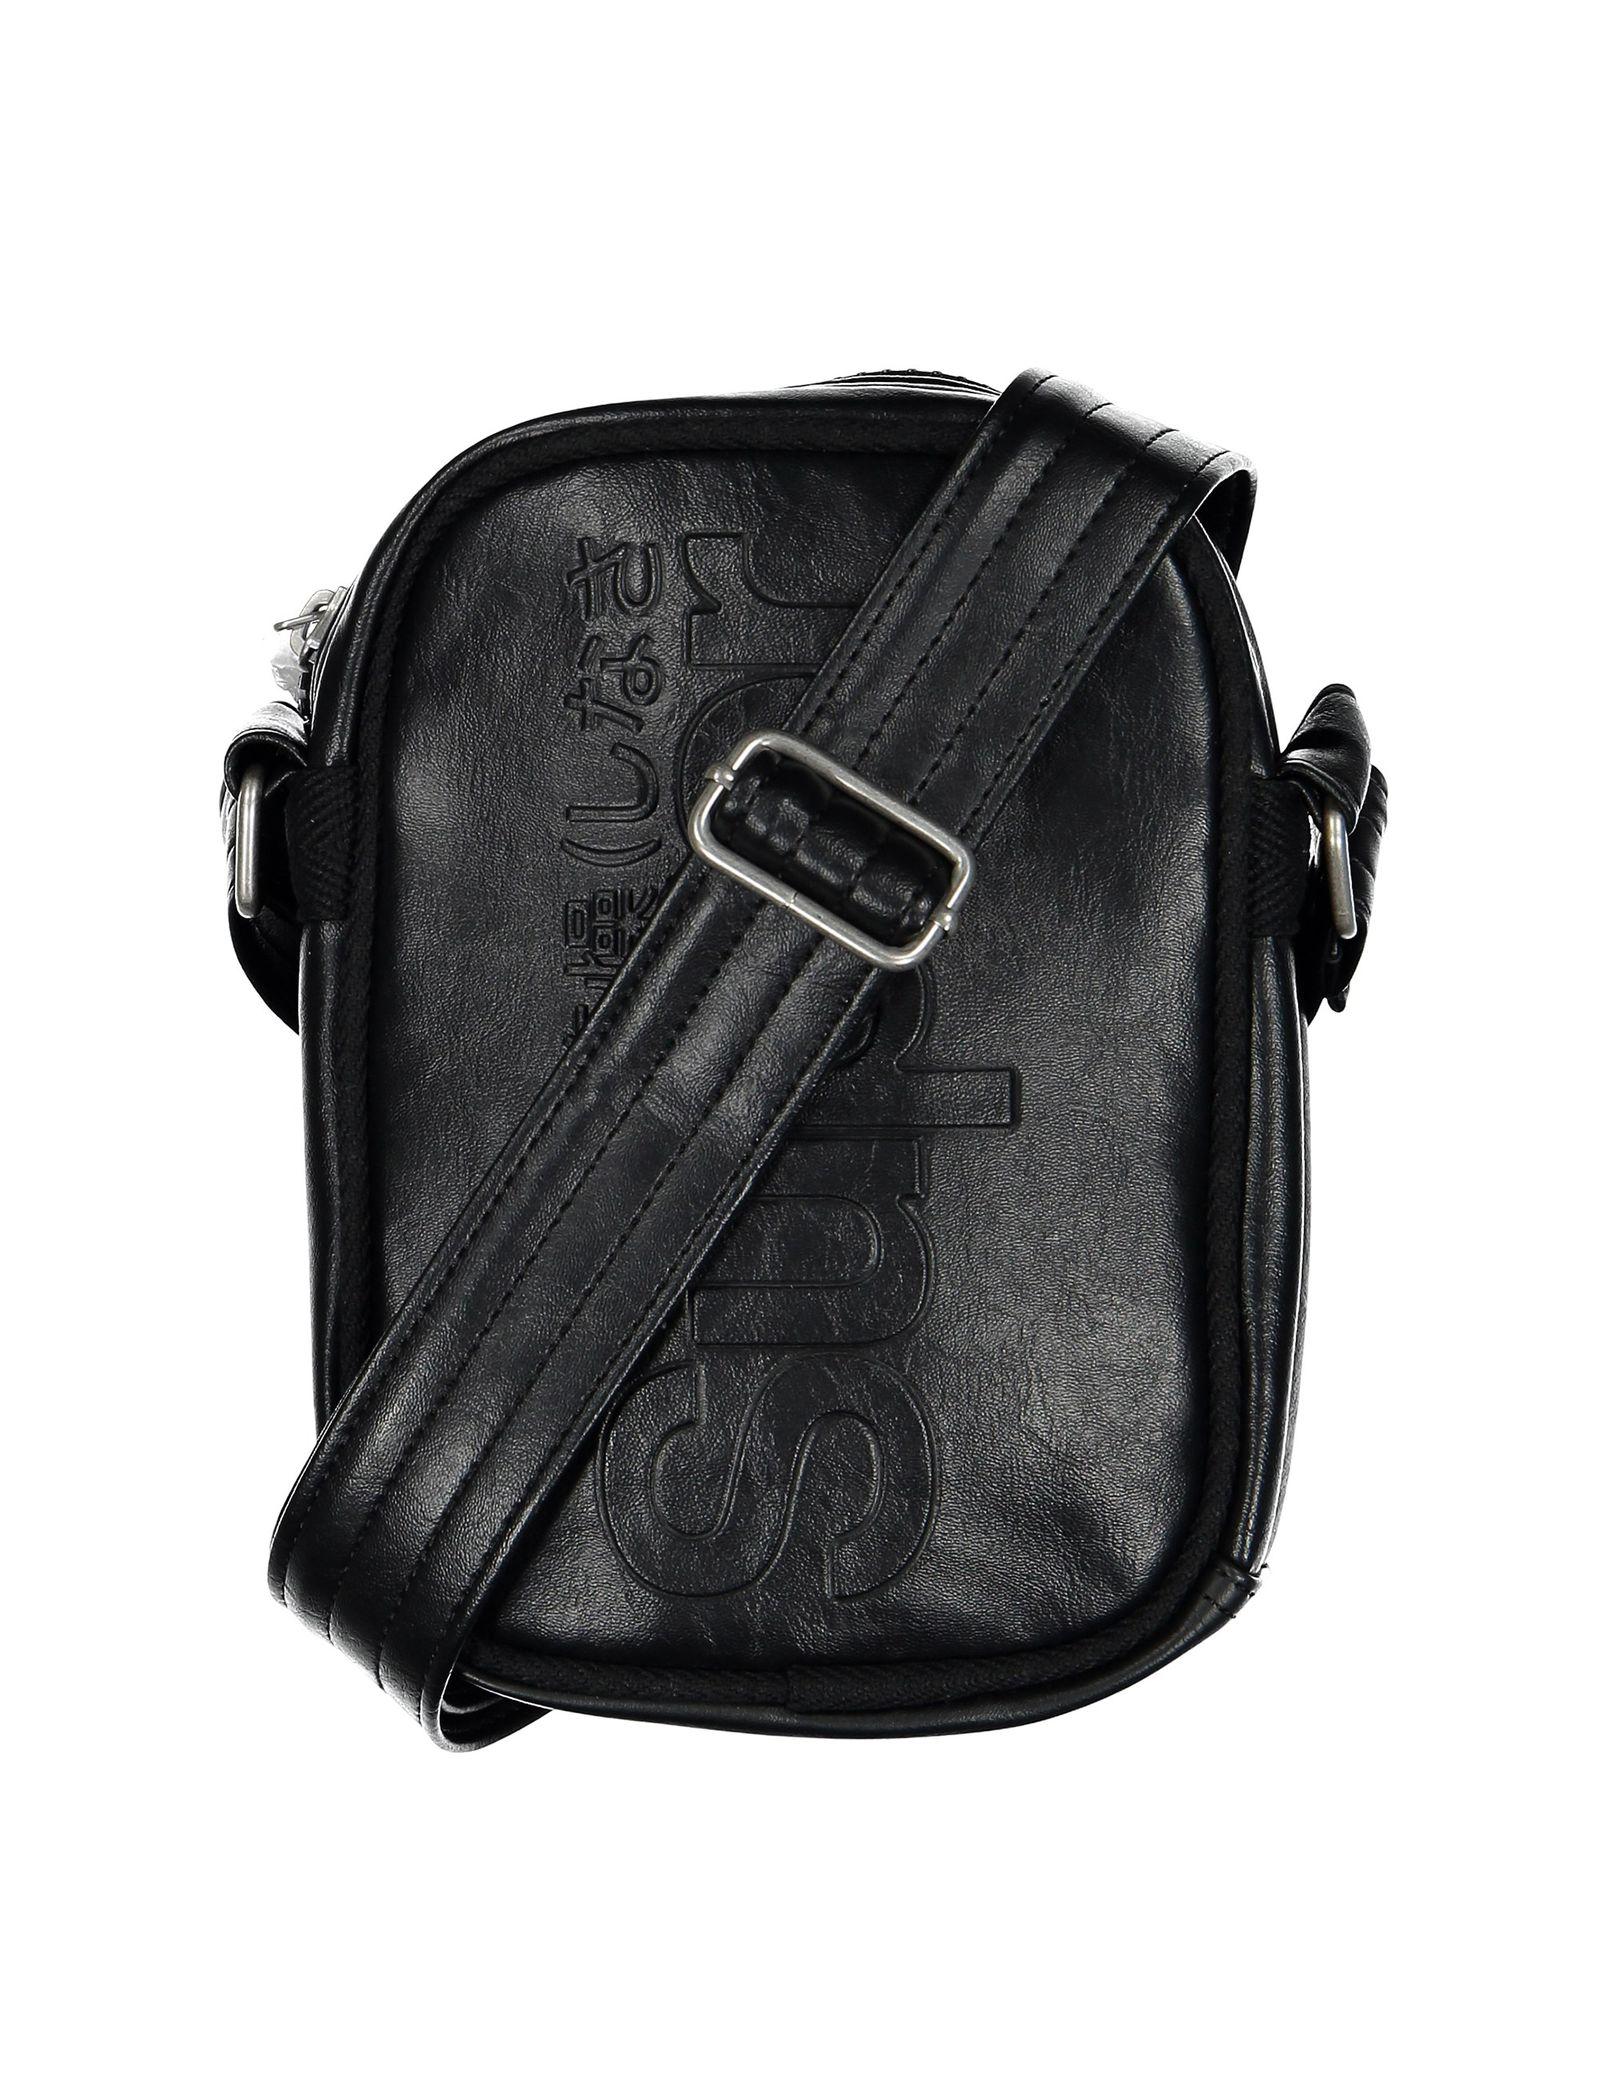 کیف دوشی روزمره بزرگسال - سوپردرای - Black - 3